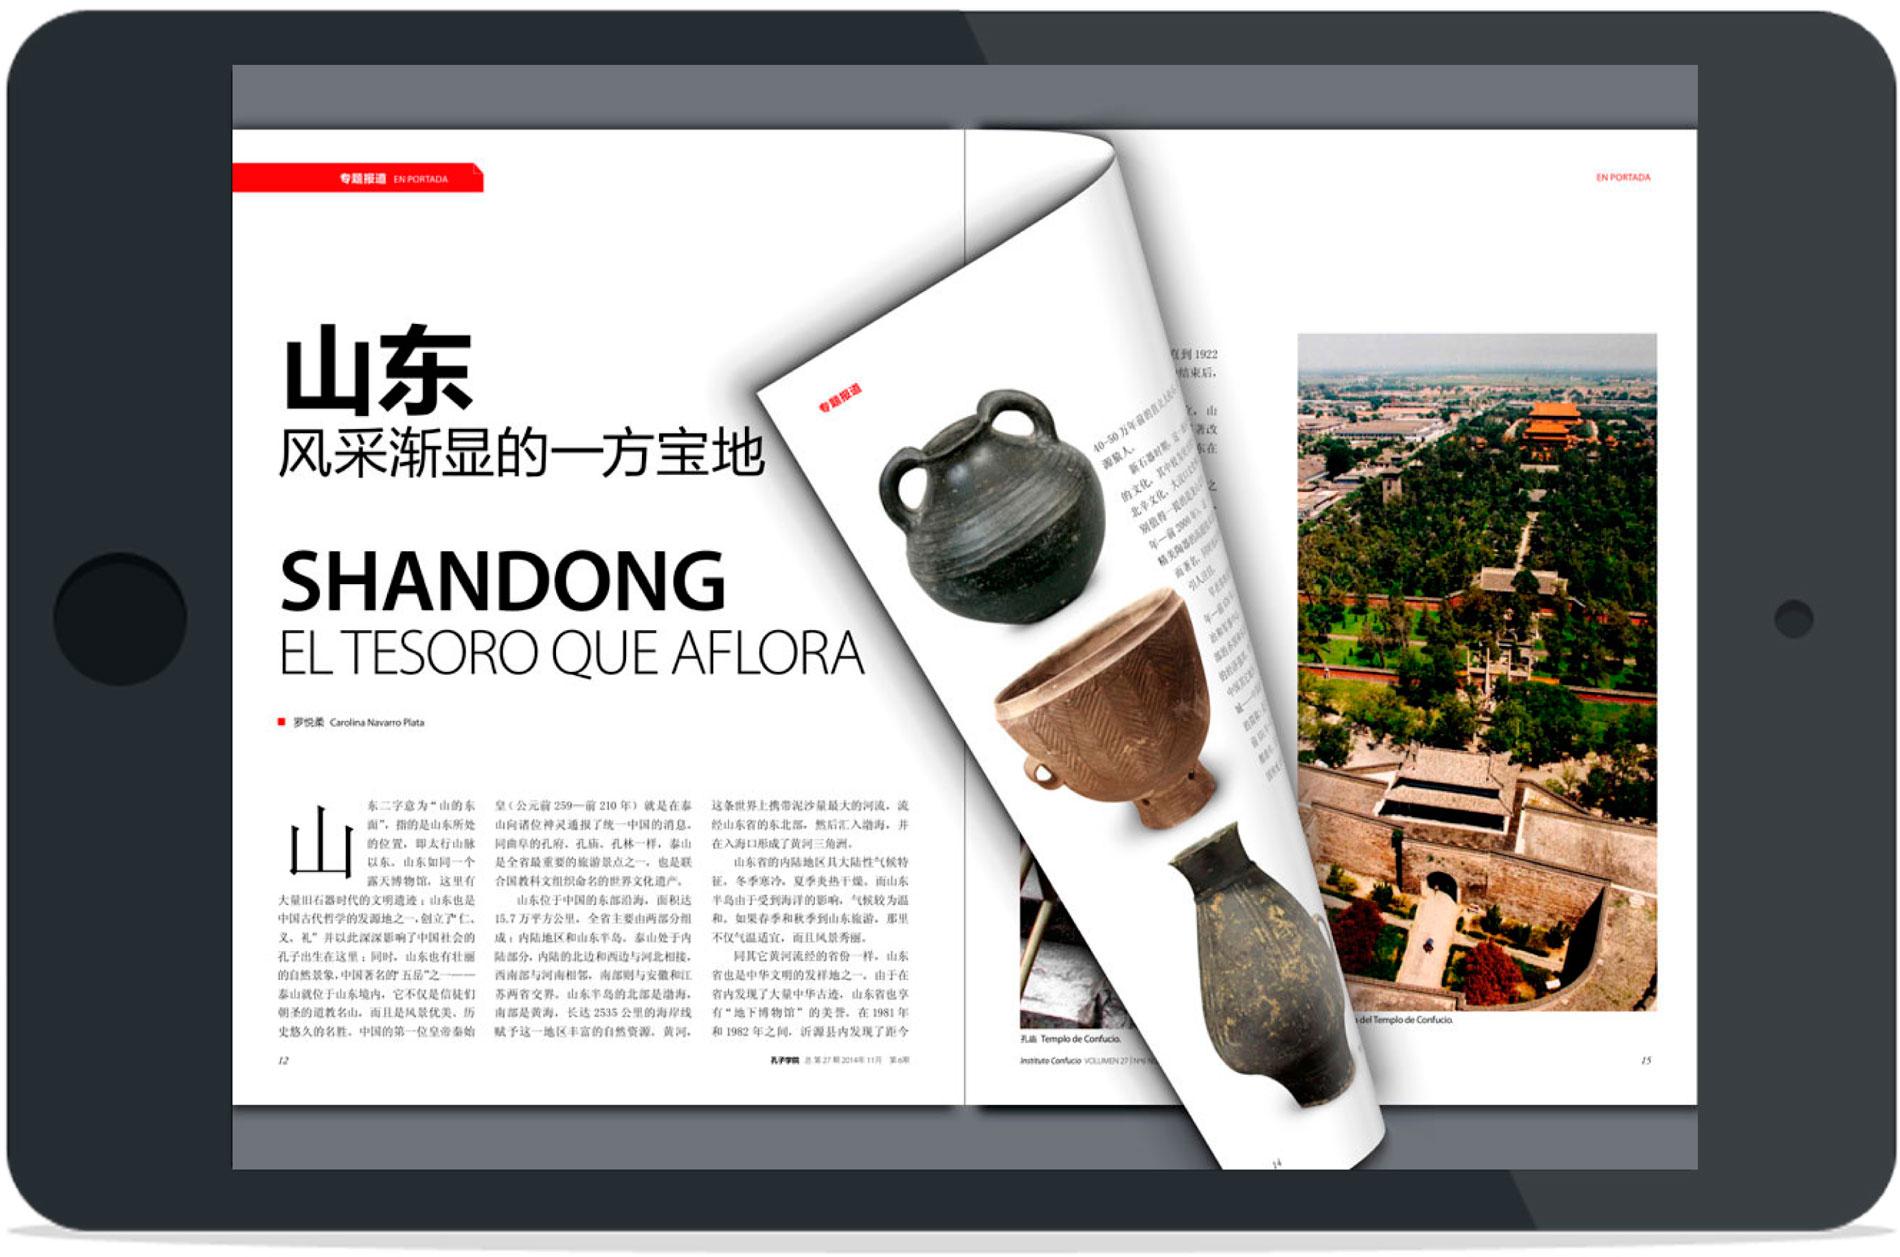 La Revista Instituto Confucio renueva sus ediciones digitales